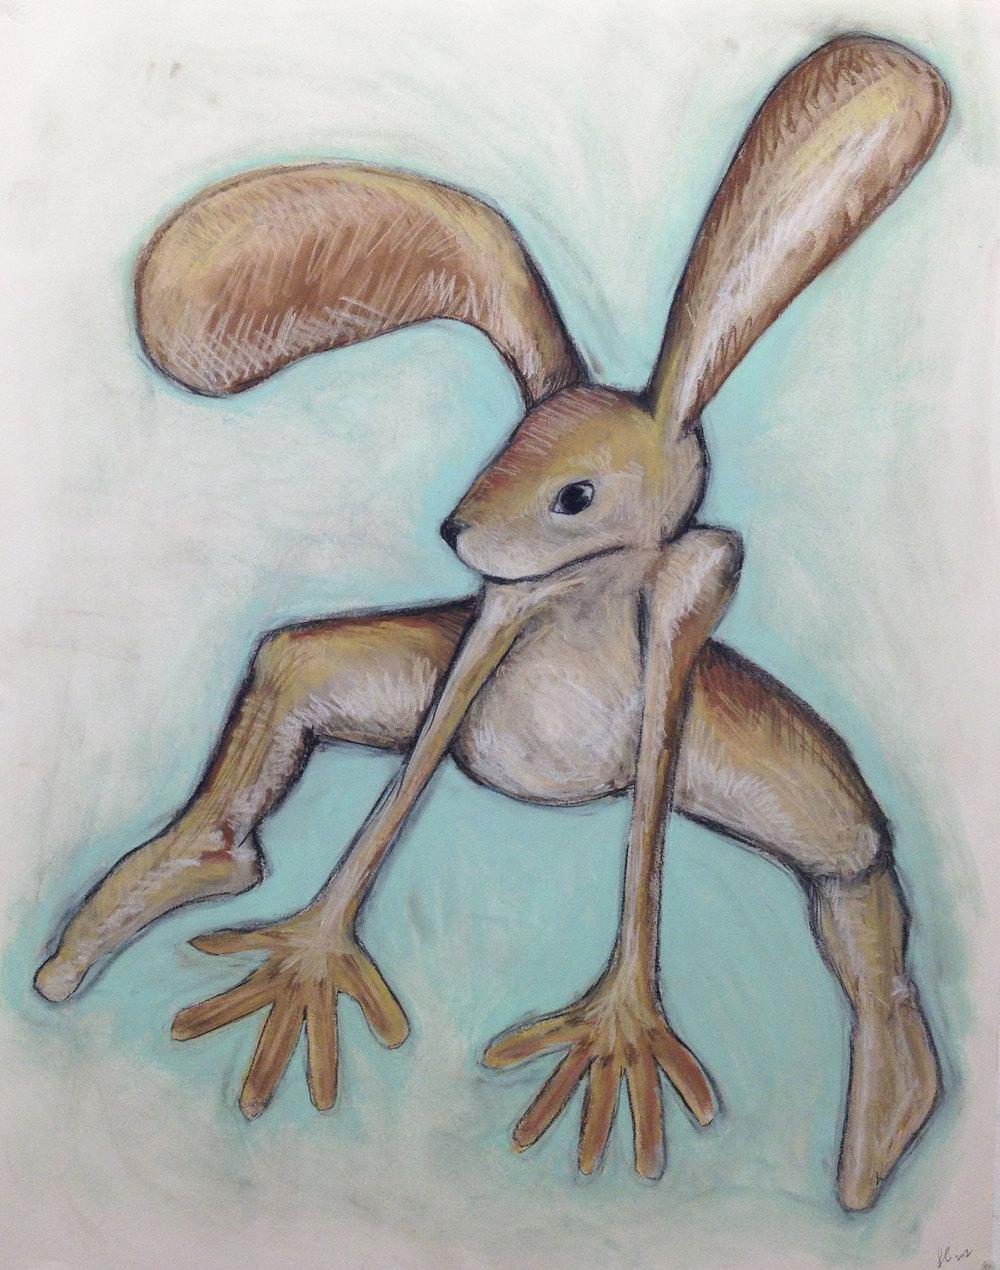 Frabbit